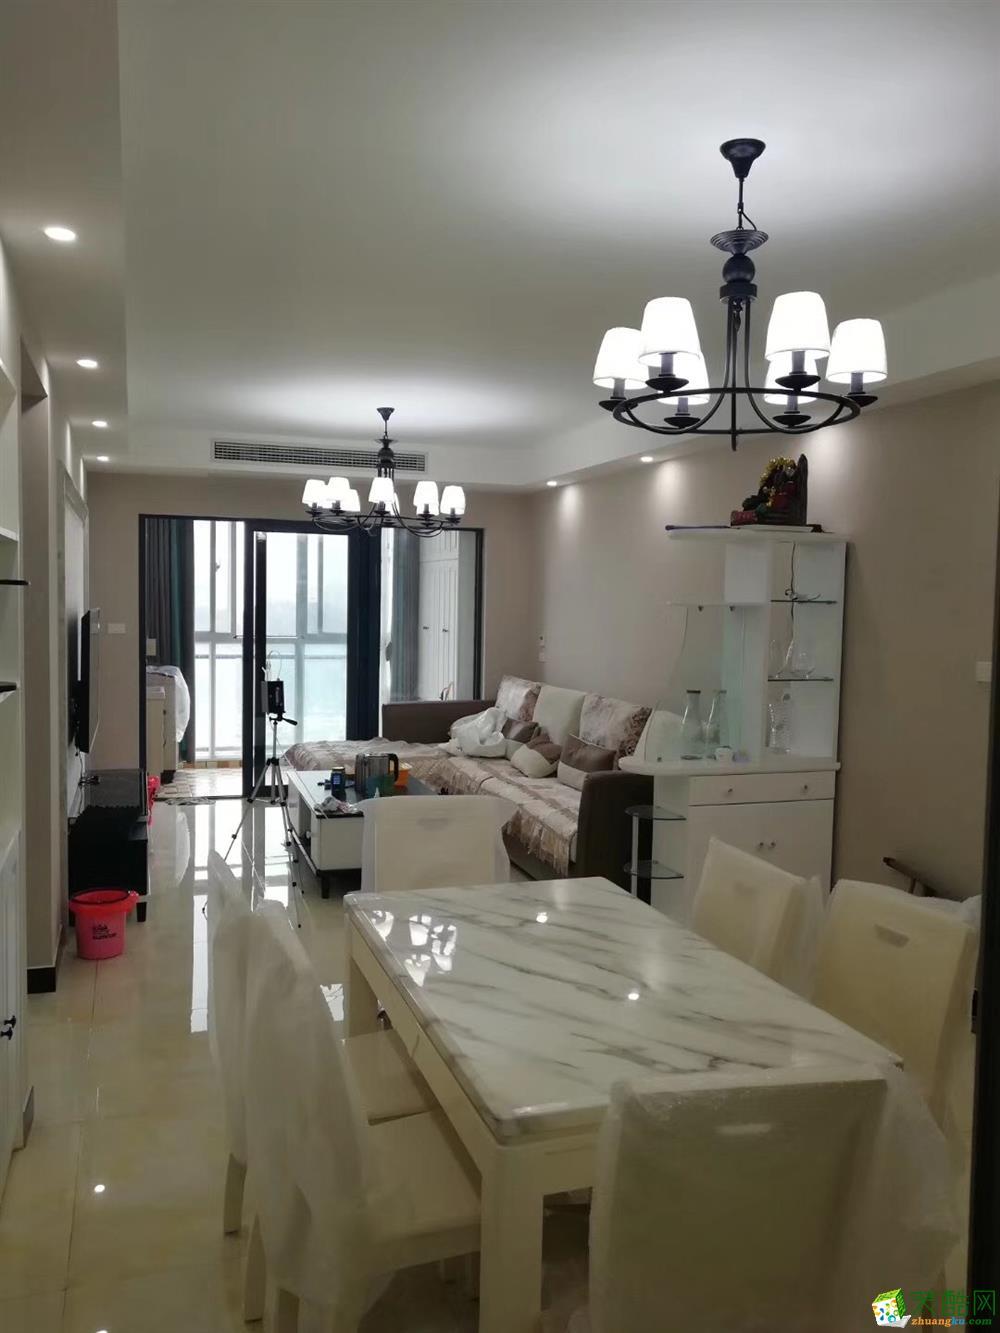 十堰东风阳光城94平米含柜子灯具家具窗帘简约风整装